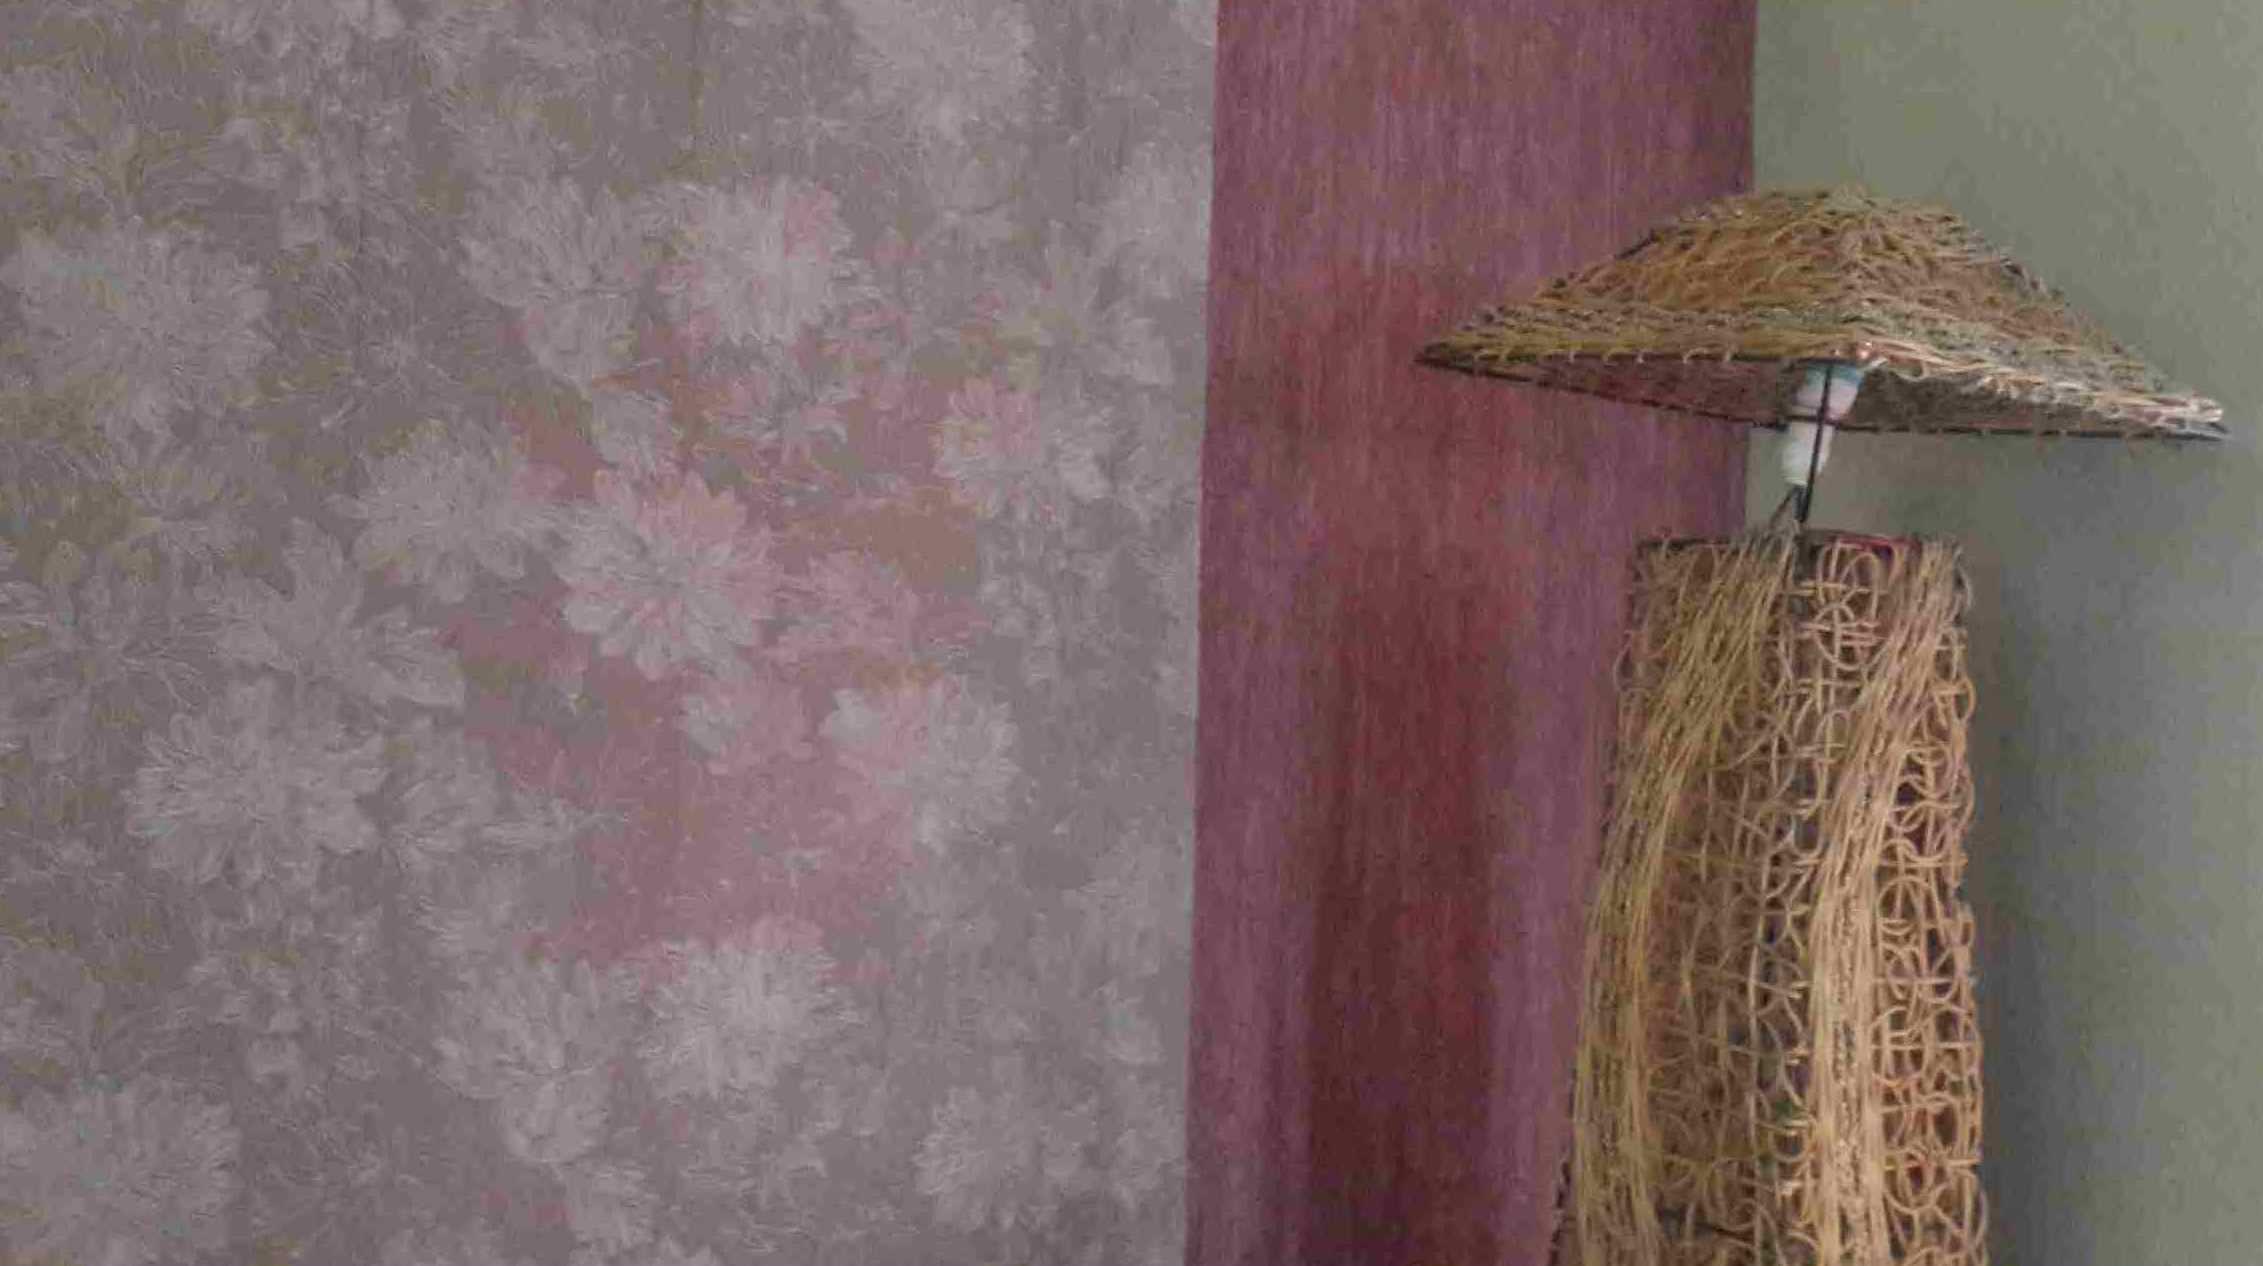 Josaf Sayoko S House Jl. Abdul Rahman Saleh, Asrikaton, Pakis, Malang, Jawa Timur 65154, Indonesia Jl. Abdul Rahman Saleh, Asrikaton, Pakis, Malang, Jawa Timur 65154, Indonesia Josaf-Sayoko-S-House Minimalist  57649